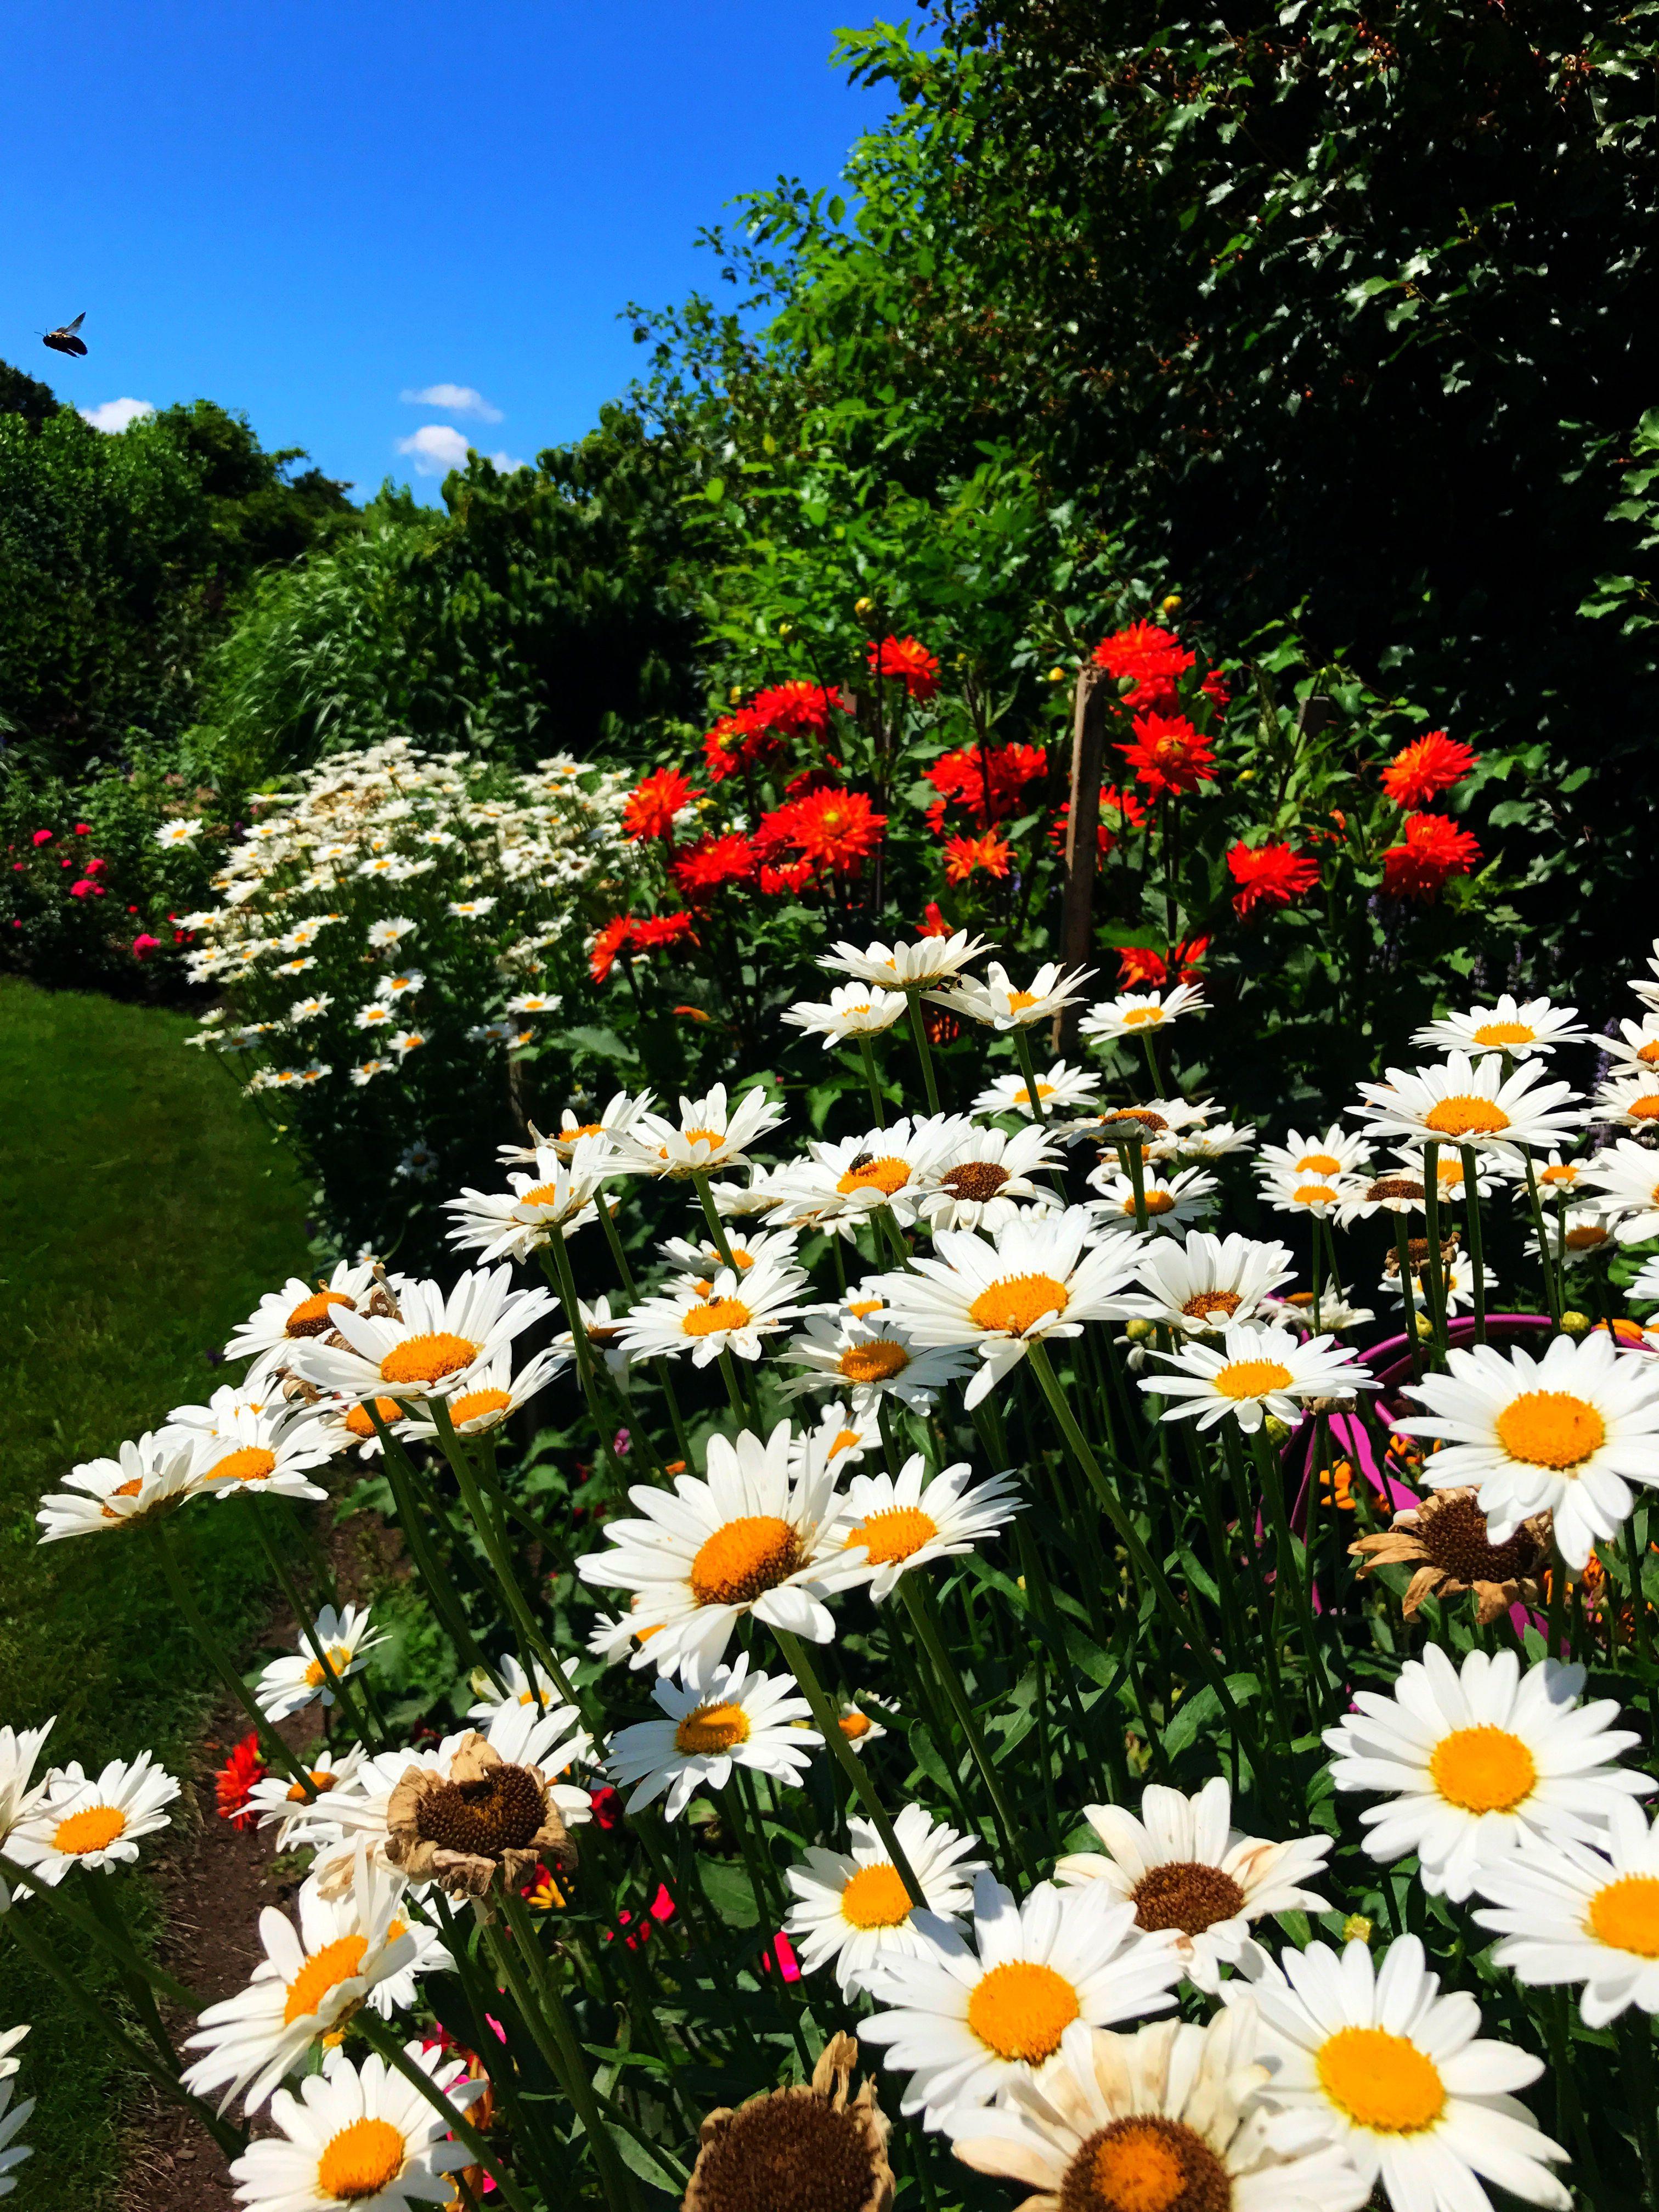 The Summer Garden. Shasta Daisy's, Dahlias And A Bumble